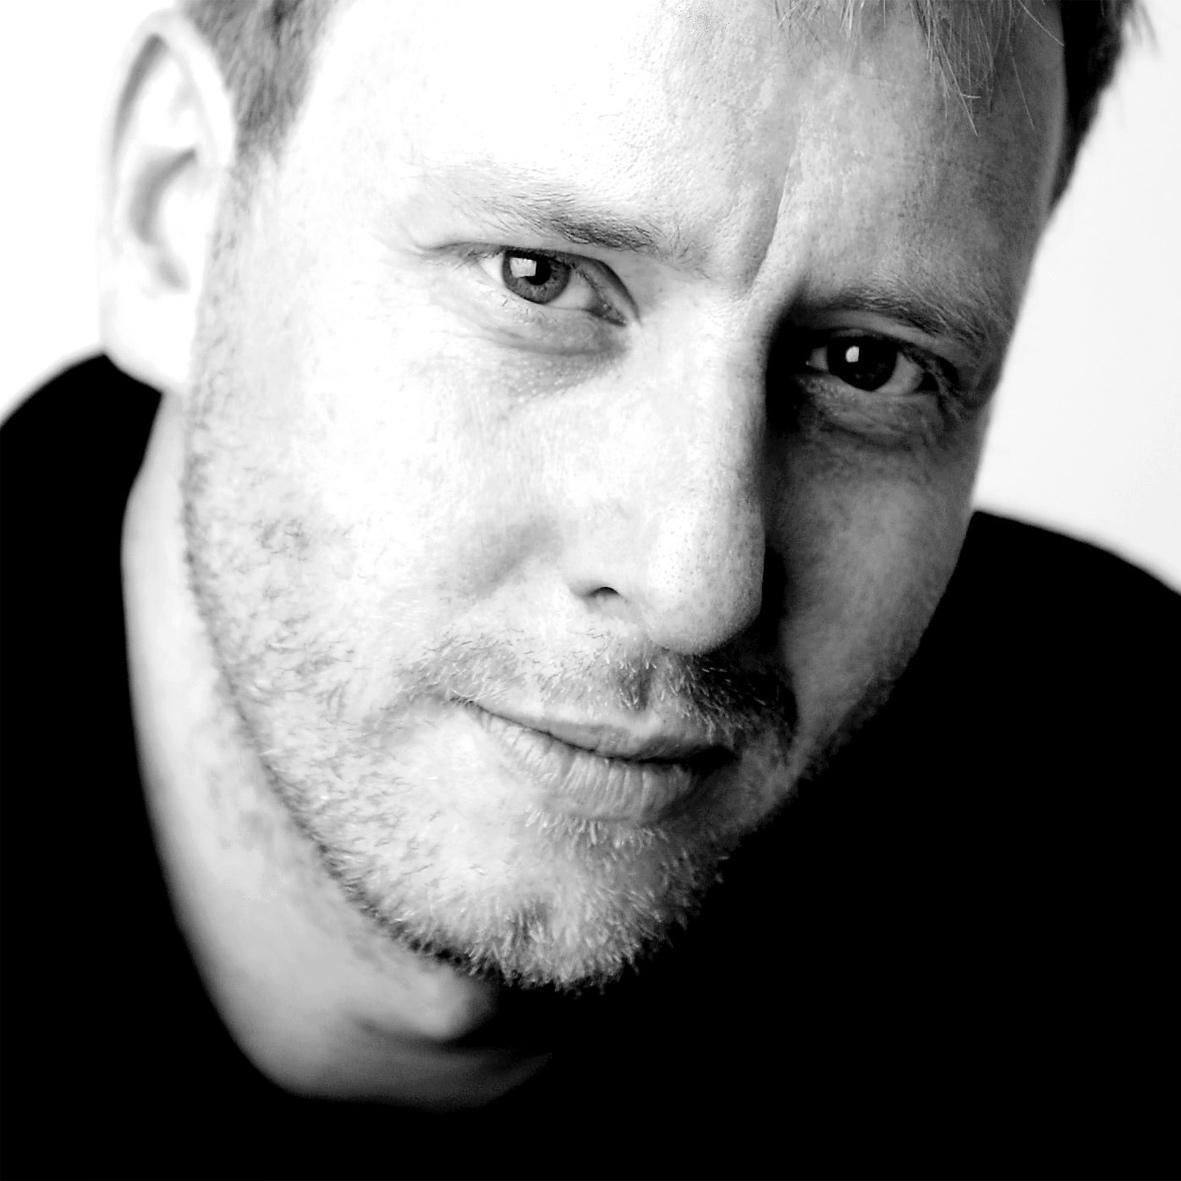 Fotograf Stefan Trappe. Portrait. © Stefan Trappe